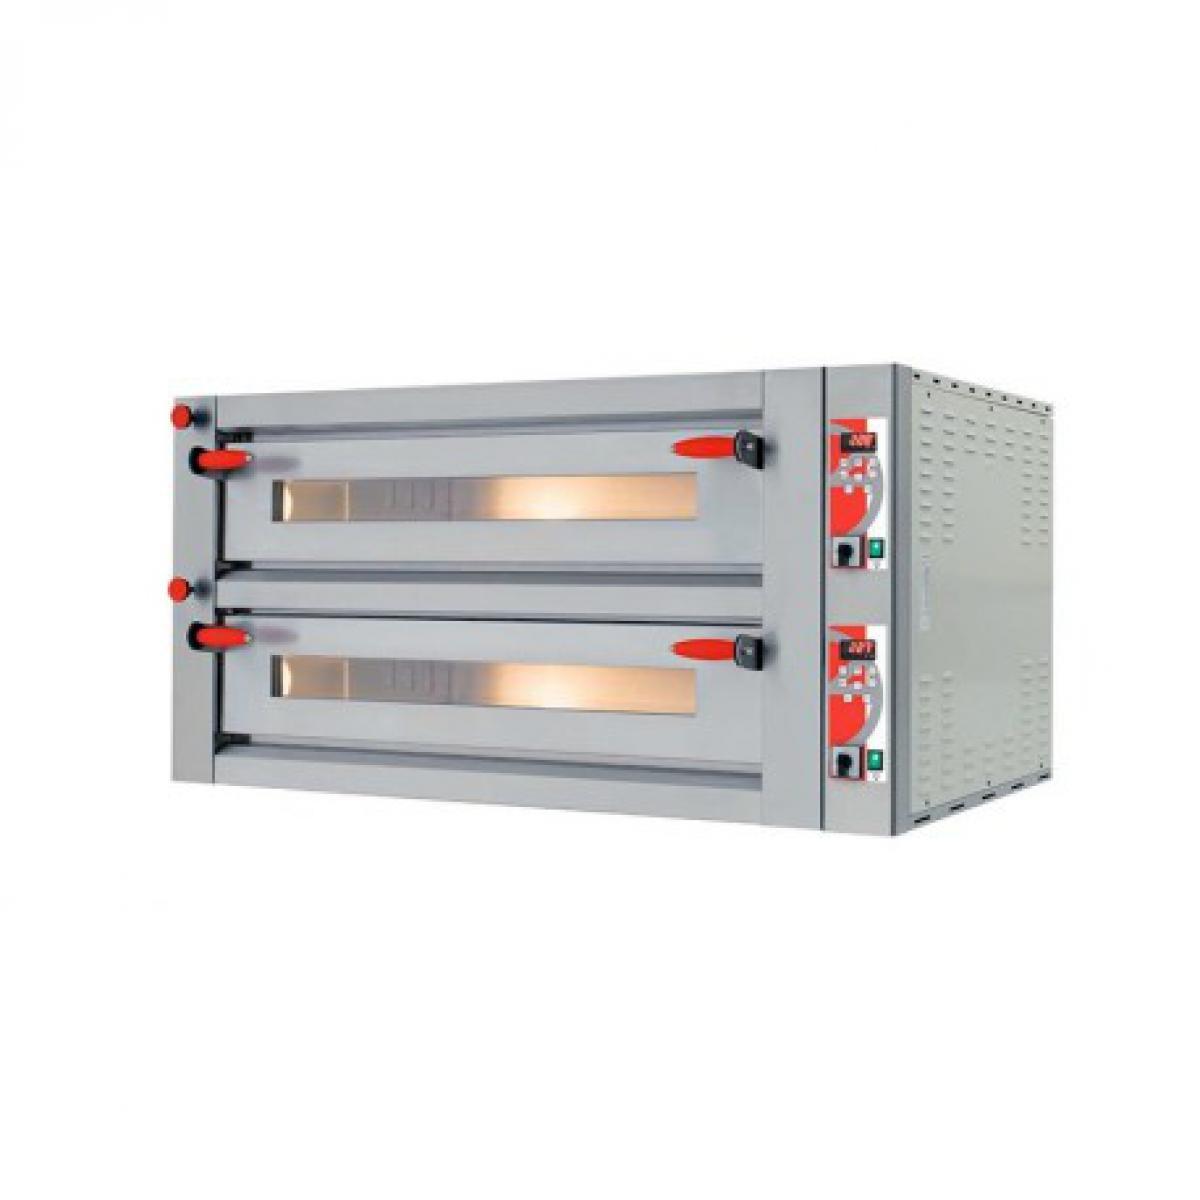 Yarrah Four à pizza double électrique professionnel - Pyralis 26,64 kW - Pizzagroup -